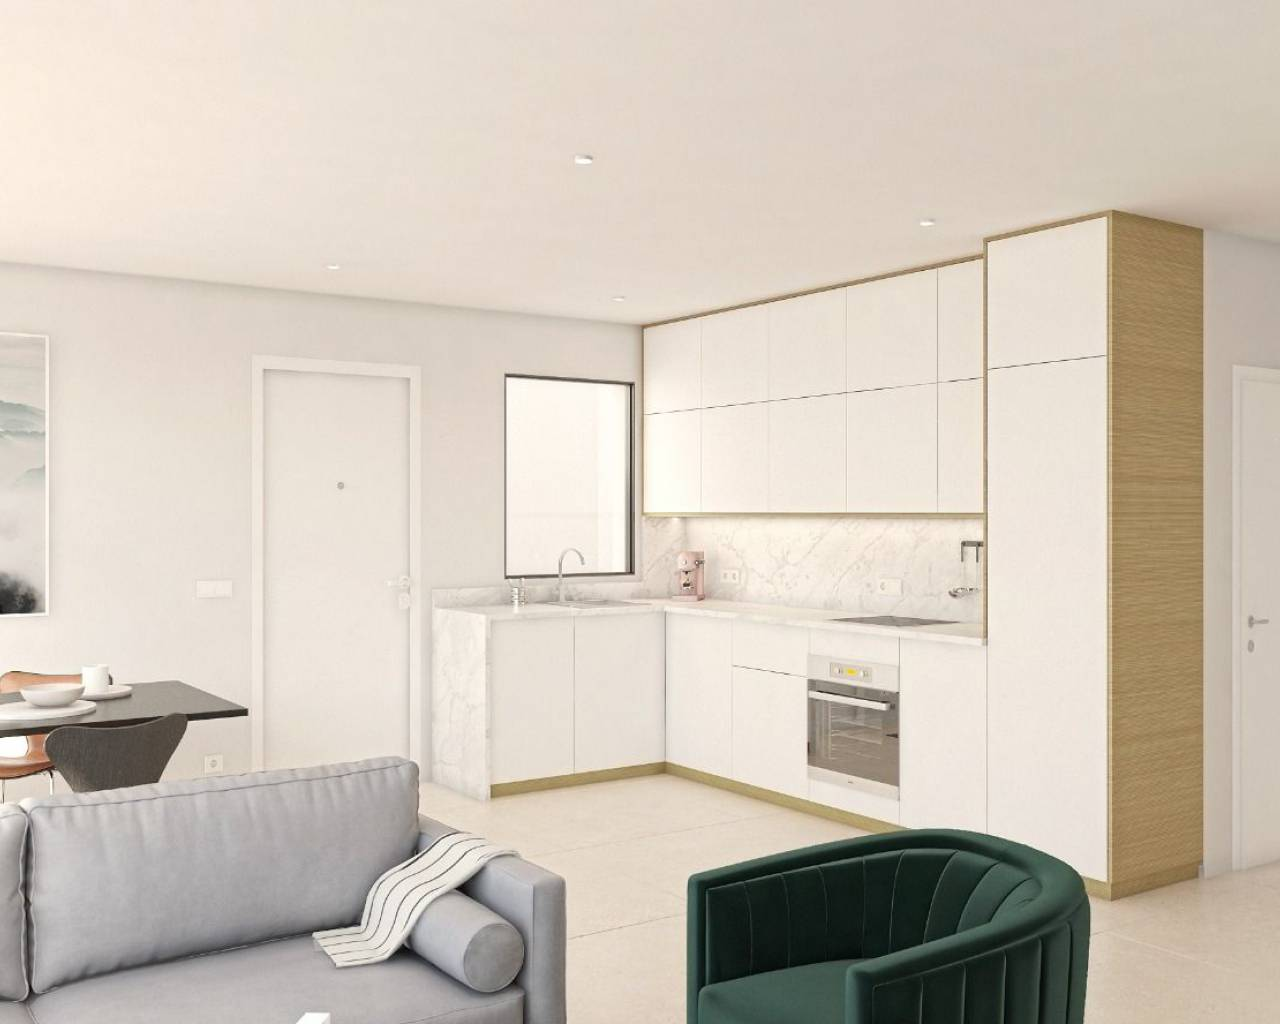 nieuwbouw-vrijstaande-villa-san-pedro-del-pinatar_5029_xl